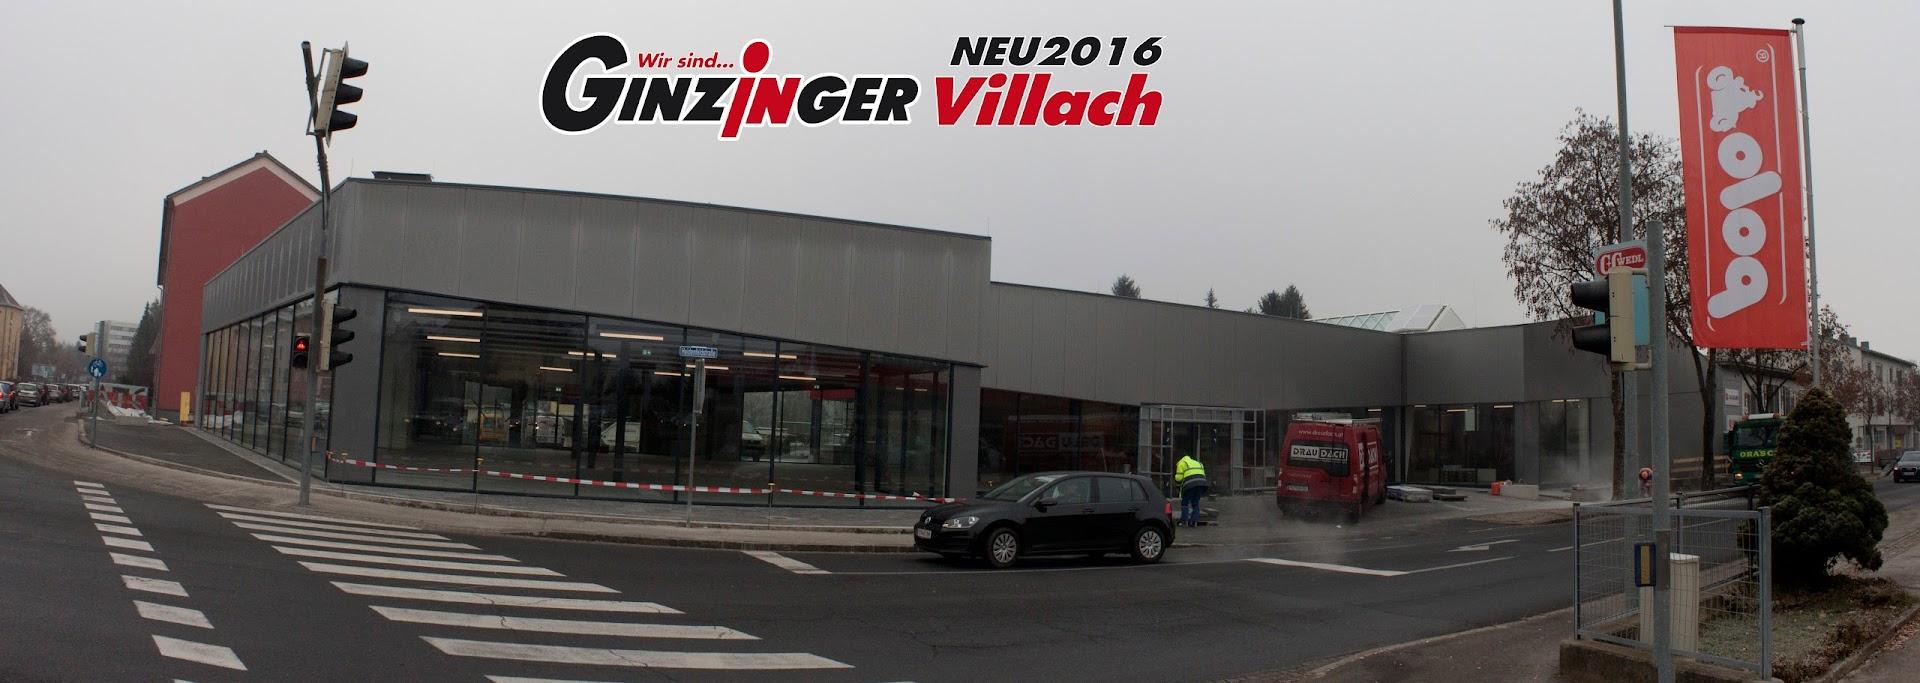 Zweirad Ginzinger wird neu gebaut !